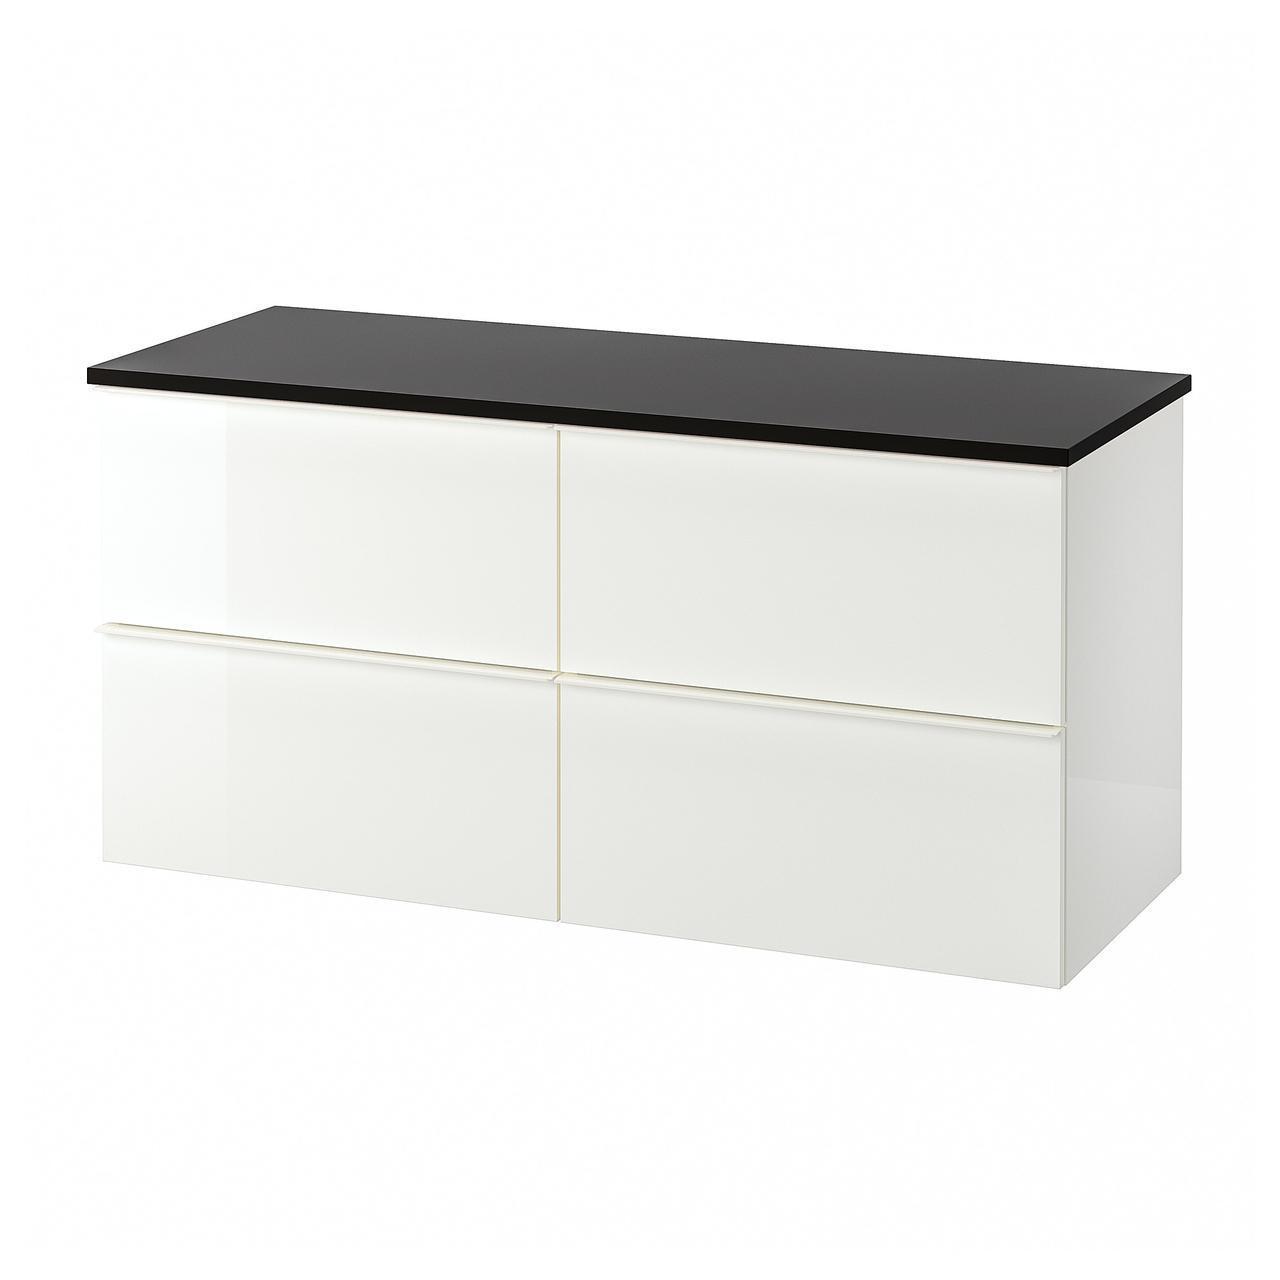 IKEA GODMORGON/TOLKEN Шкаф под умывальник со столешницей, глянцевый белый, антрацит  (692.956.03)